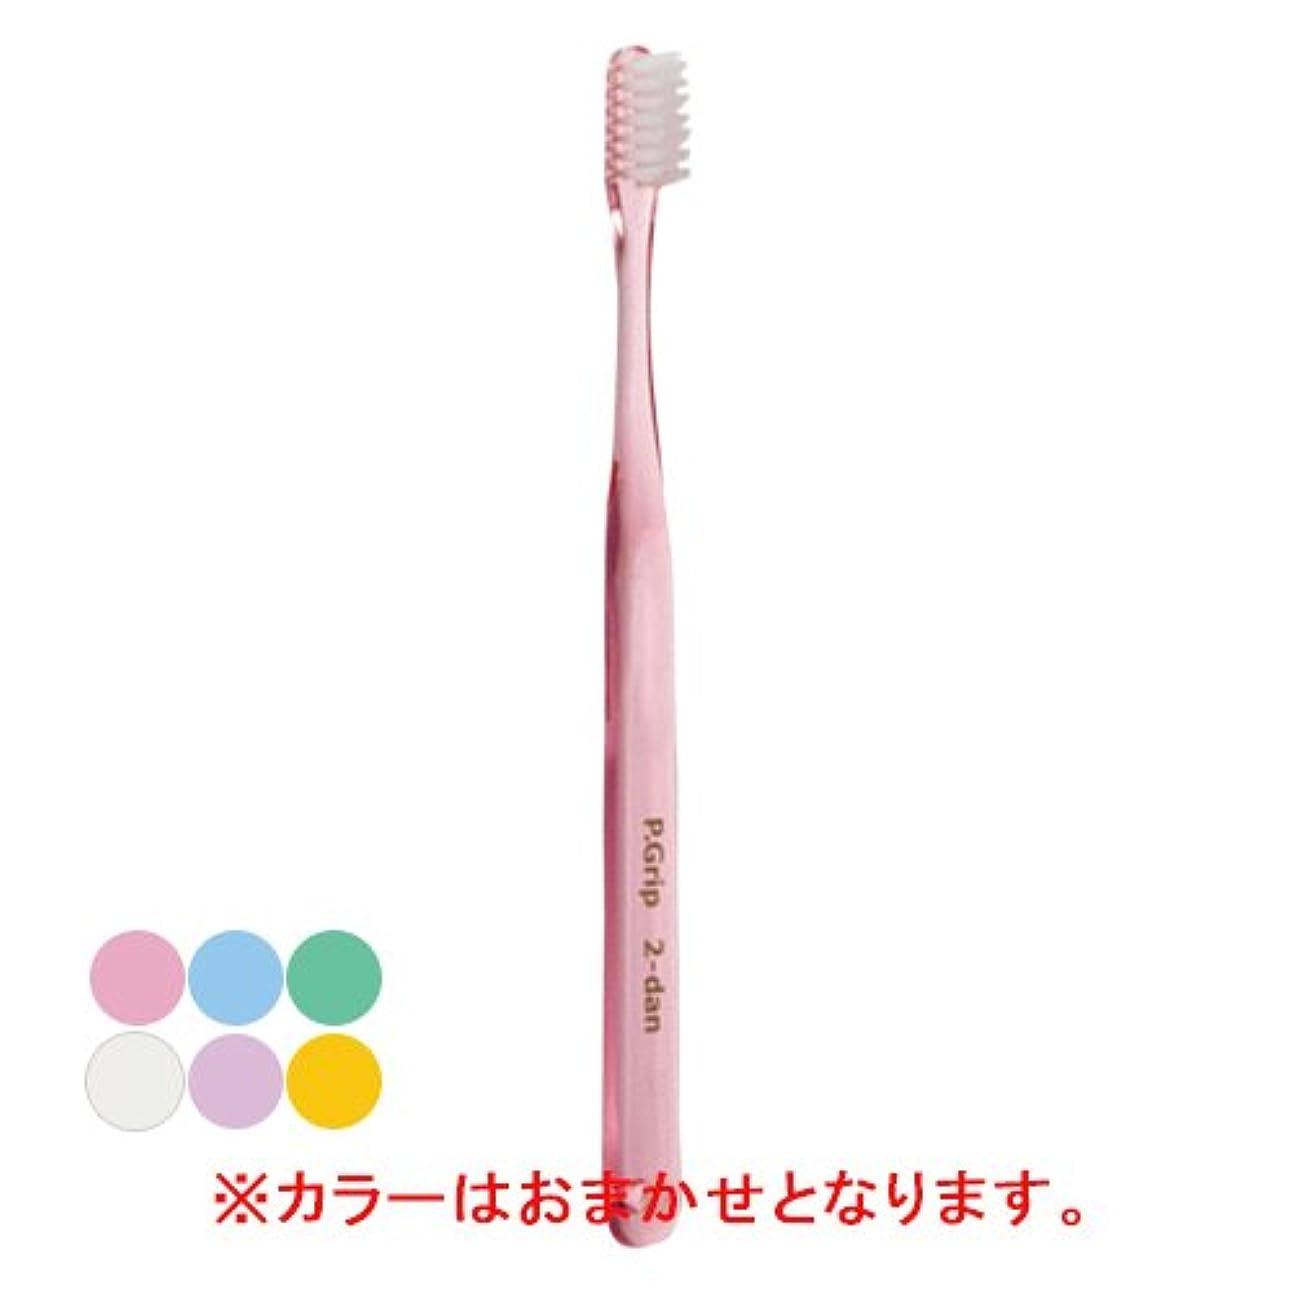 咲く倉庫休暇P.D.R.(ピーディーアール) P.Grip(ピーグリップ)歯ブラシ 二段植毛タイプ ソフト(やわらかめ) 1本